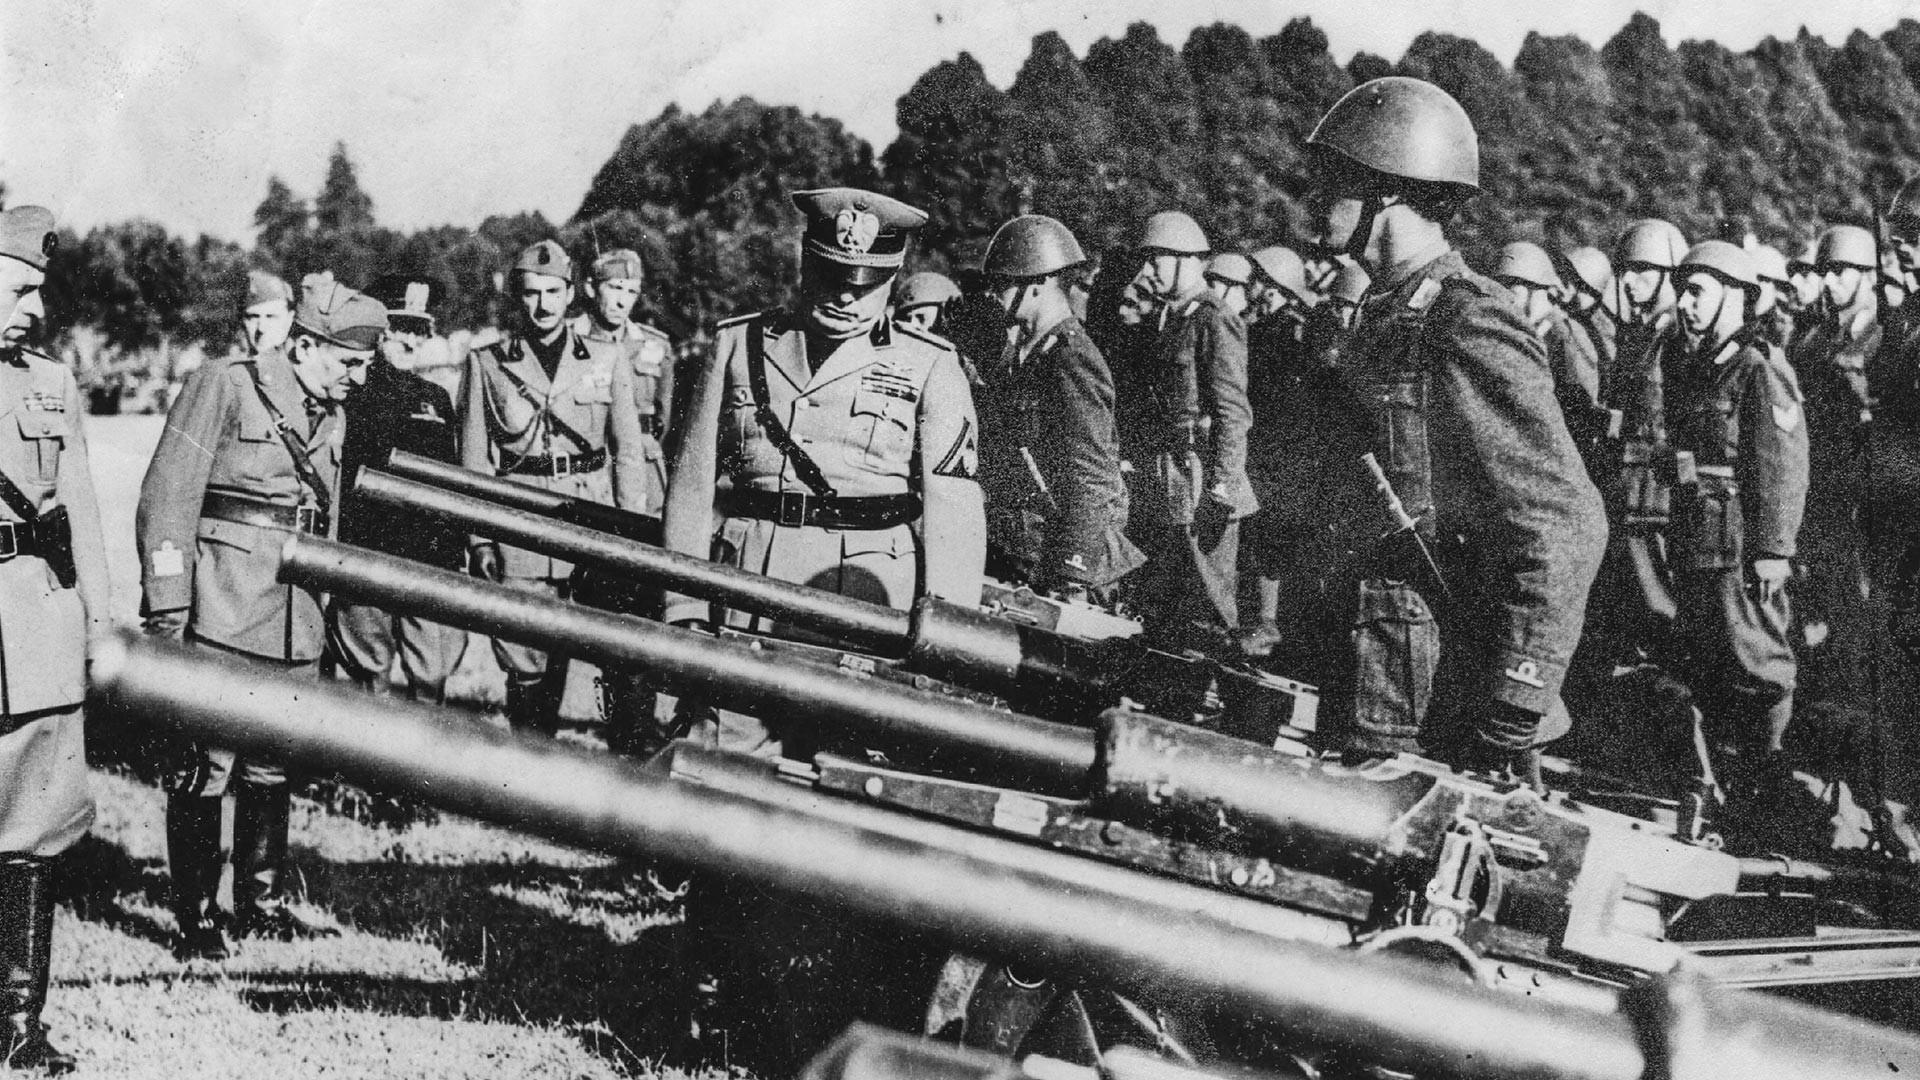 Мусолини контролише четири топа пре него што ће их послати са првом дивизијом војника на руски фронт. 1941.